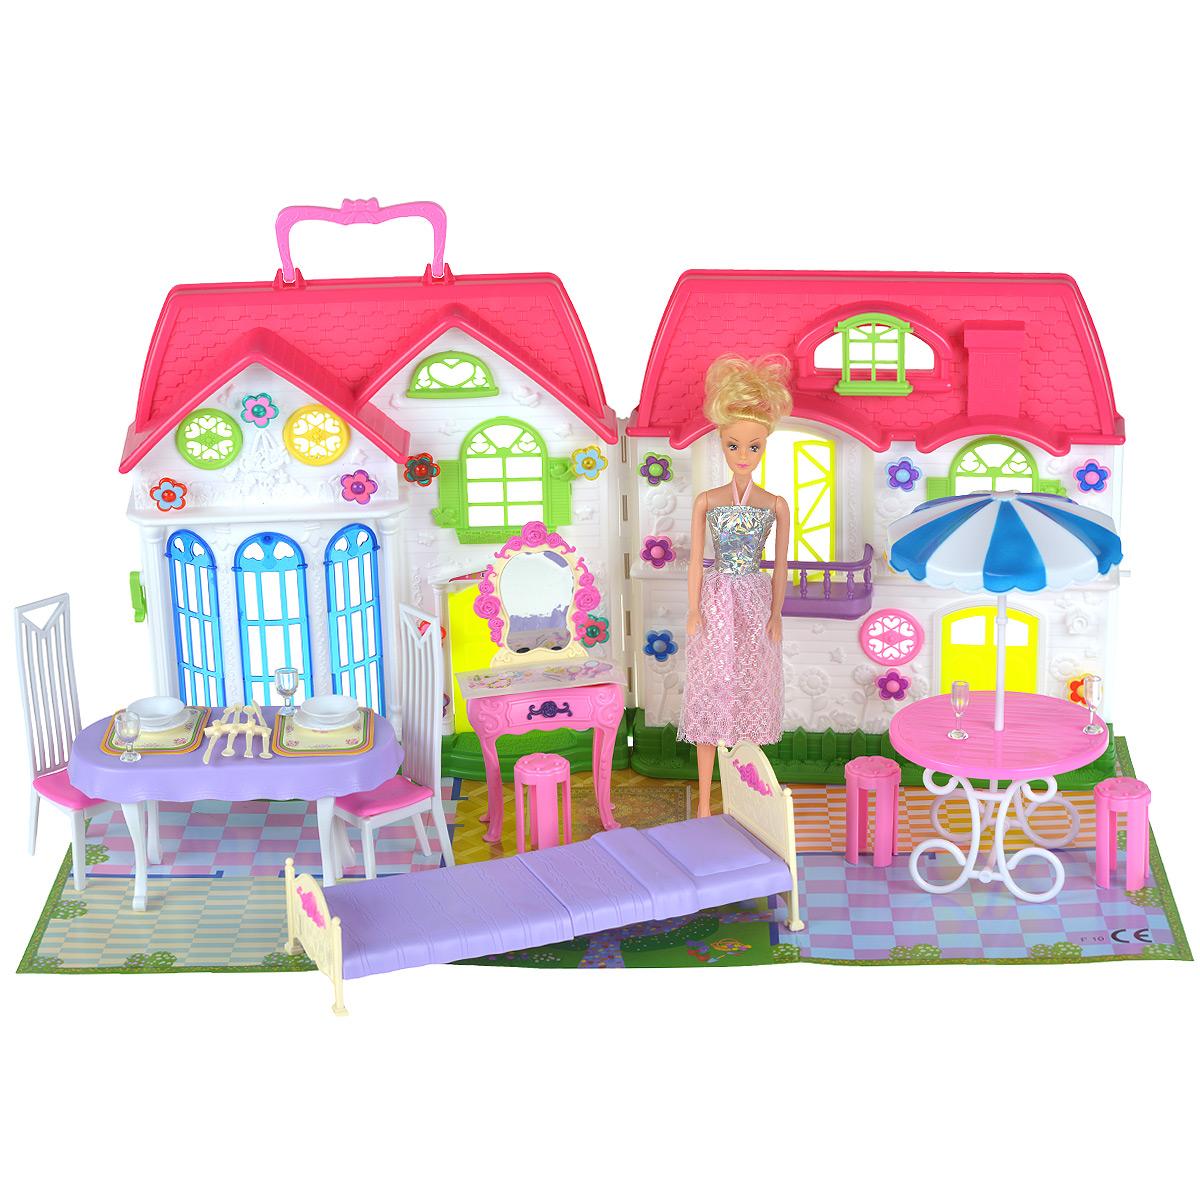 WSBD World Игровой набор с куклой Дом для кукол3361Шикарный кукольный домик привлечет внимание вашей малышки и не позволит ей скучать. Комплект включает в себя пластиковый домик с аксессуарами для создания стильного интерьера и очаровательную куклу. Прекрасный дом с окошками и дверьми состоит из двух складывающихся створок, снабжен ручкой для переноски и оснащен световыми эффектами в виде светящихся лампочек. Куколка со светлыми волосами одета в великолепное нежно-голубое платье. Такой набор несомненно придется по душе вашему ребенку. Порадуйте свою принцессу таким замечательным подарком! Необходимо докупить 6 батареи типа АА напряжением 1,5V (не входят в комплект).